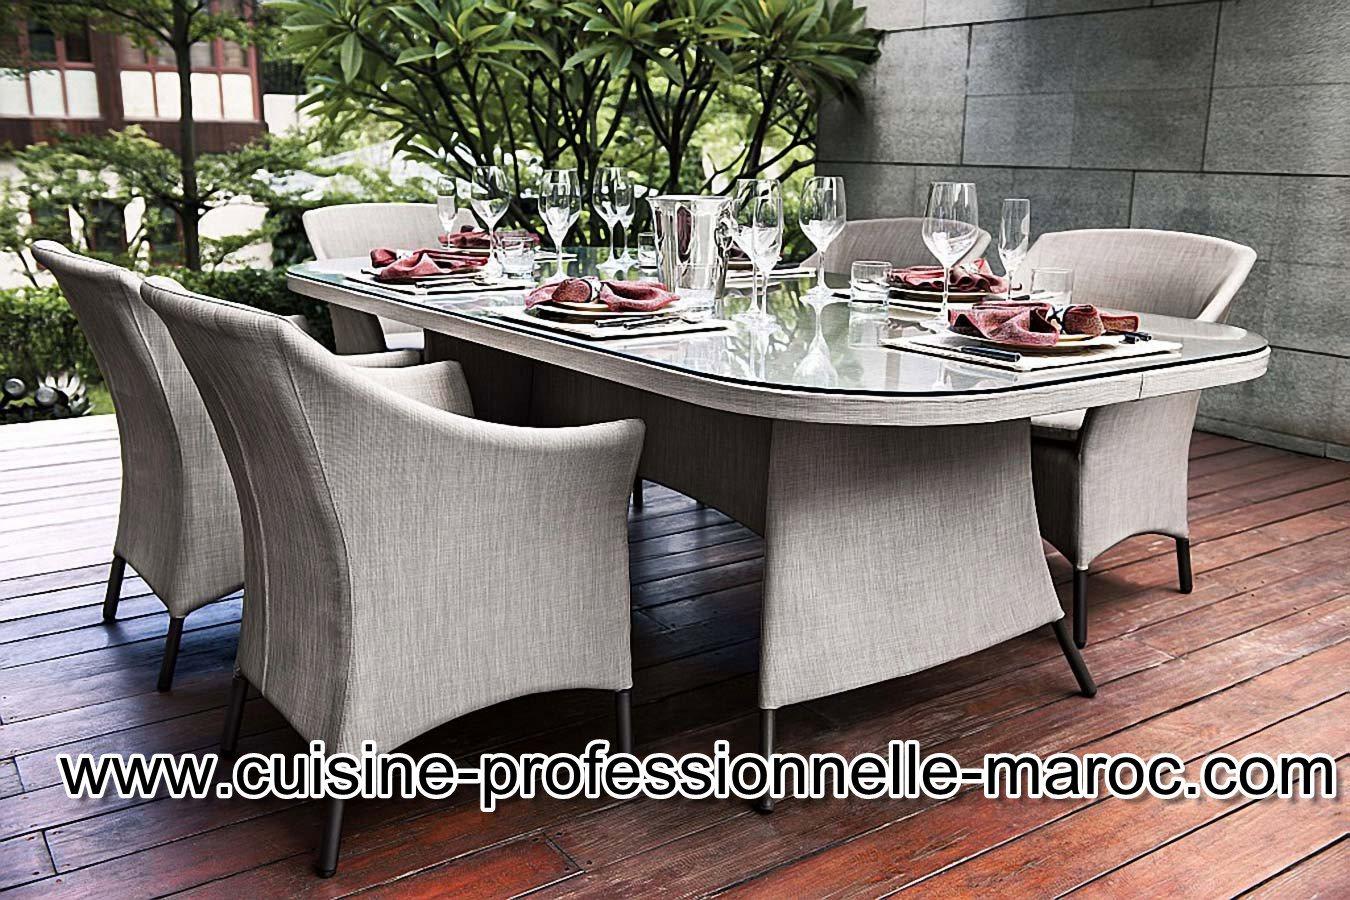 equipement caf restaurants ou h tel au maroc les meilleurs fournisseurs de mat riels. Black Bedroom Furniture Sets. Home Design Ideas